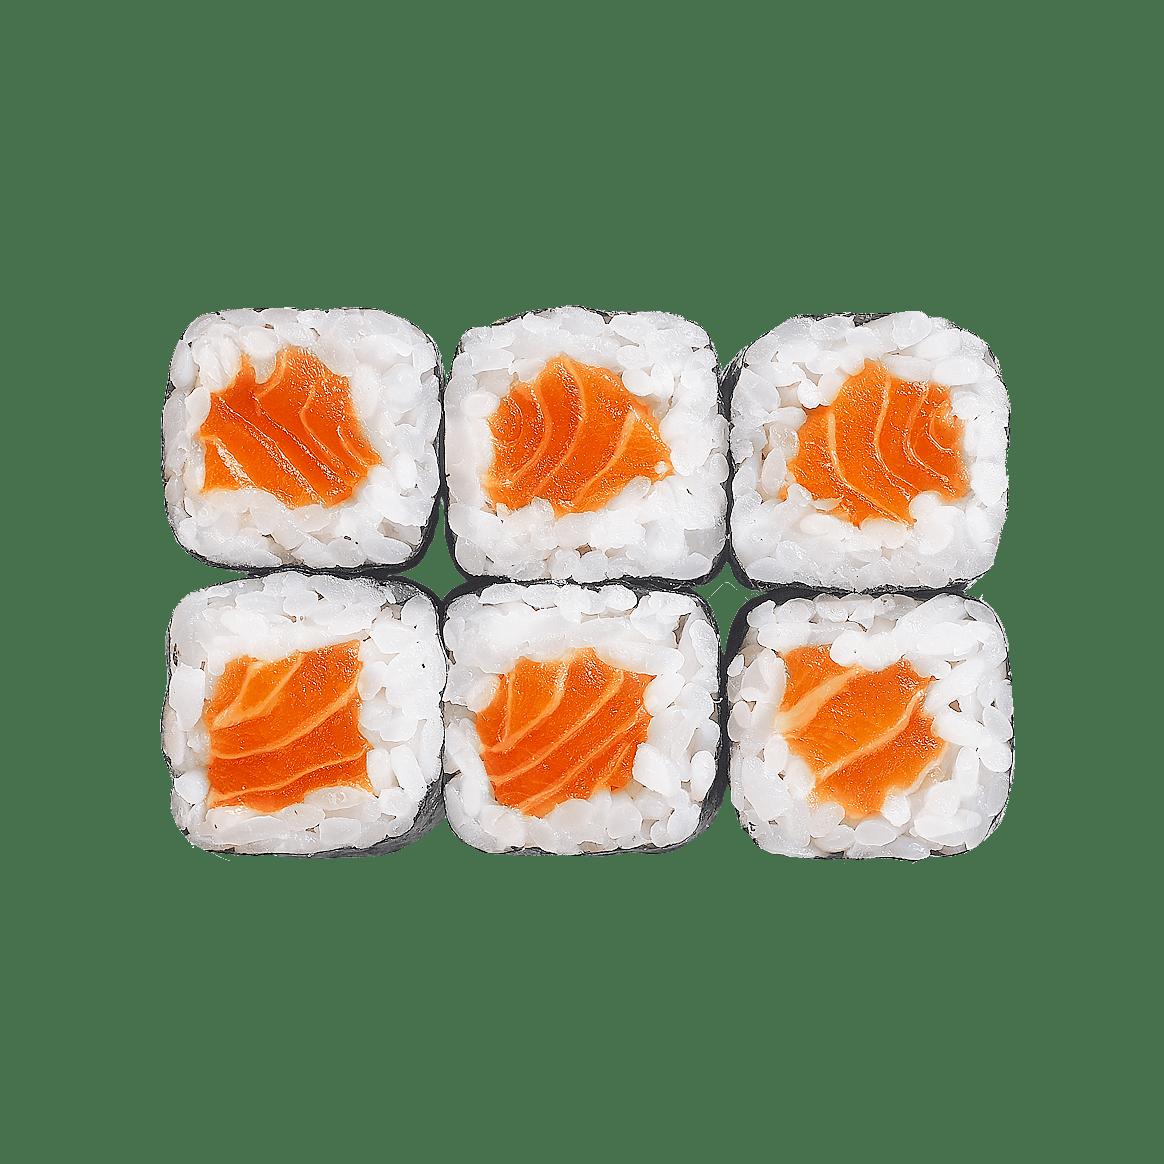 маки сет суши